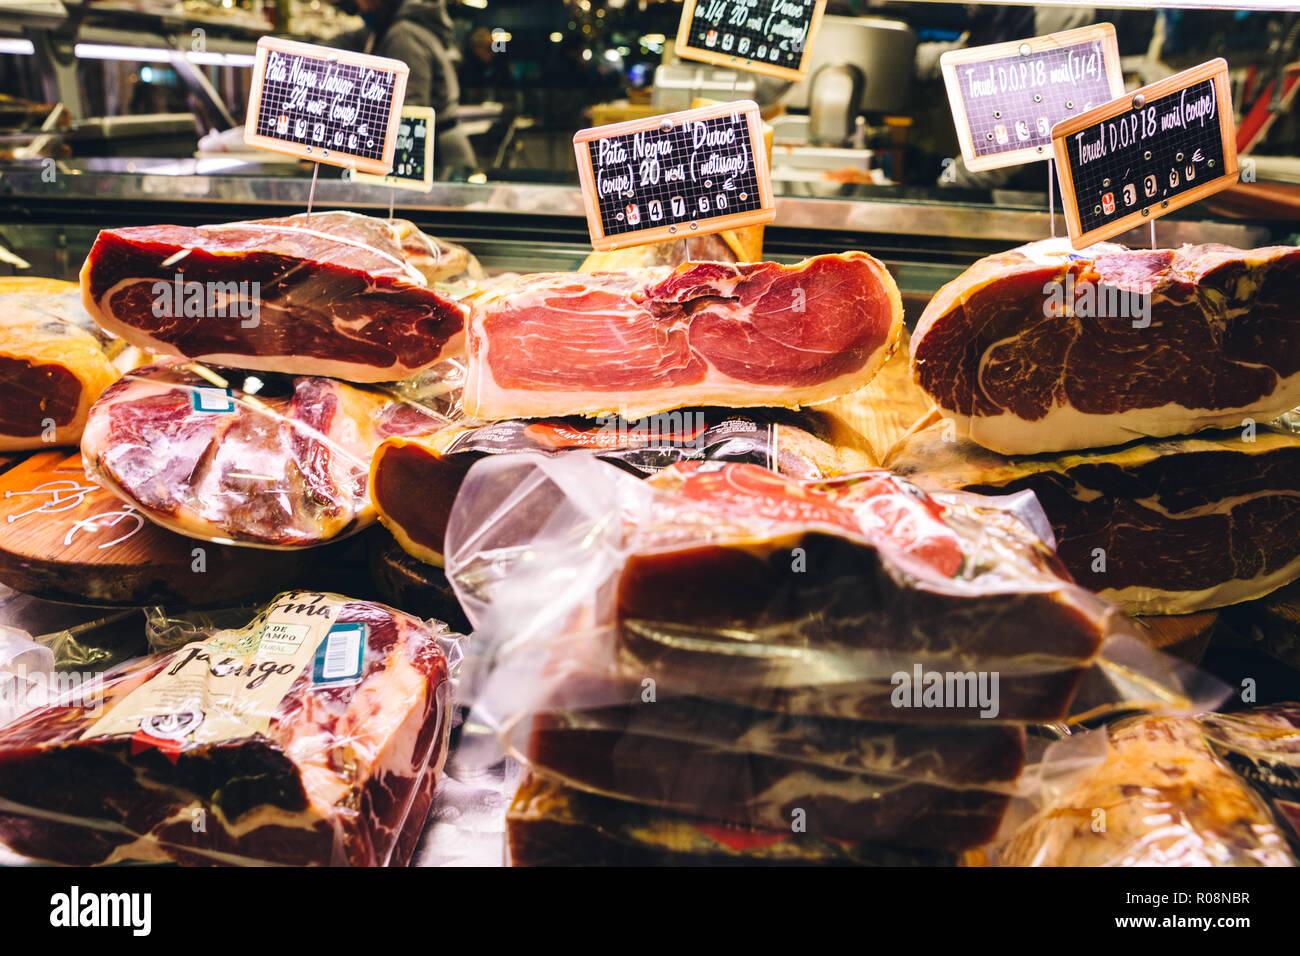 Marché des Capucins, French Market, Bordeaux, France 2017 - Stock Image